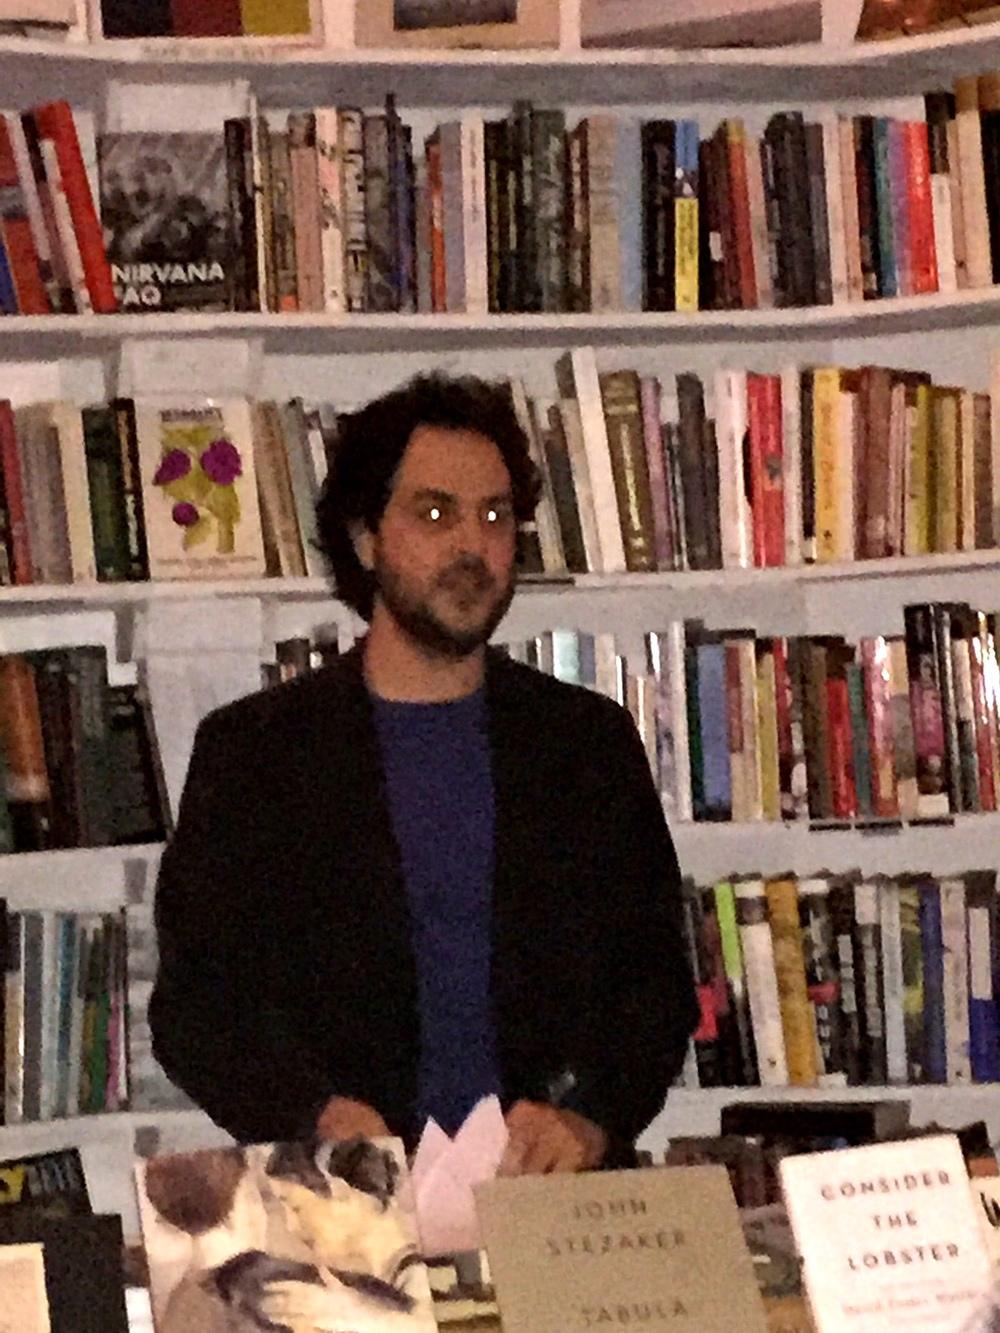 Todd Portnowitz